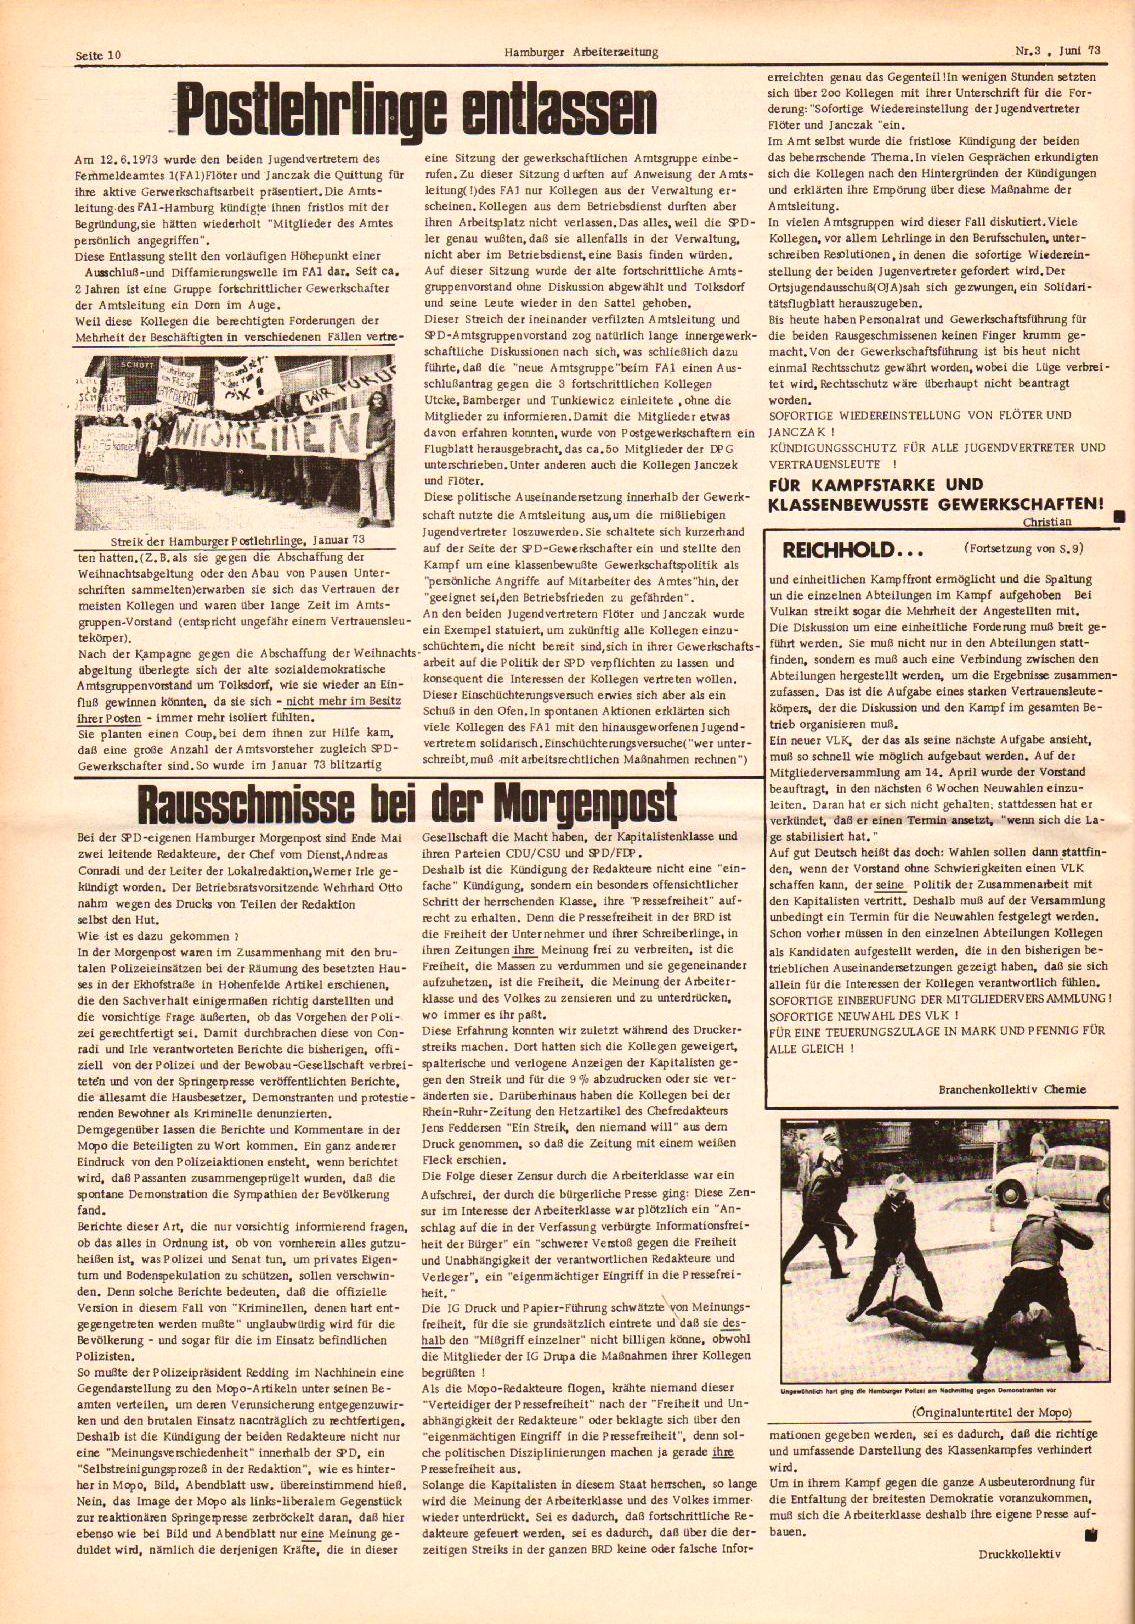 Hamburger_Arbeiterzeitung058